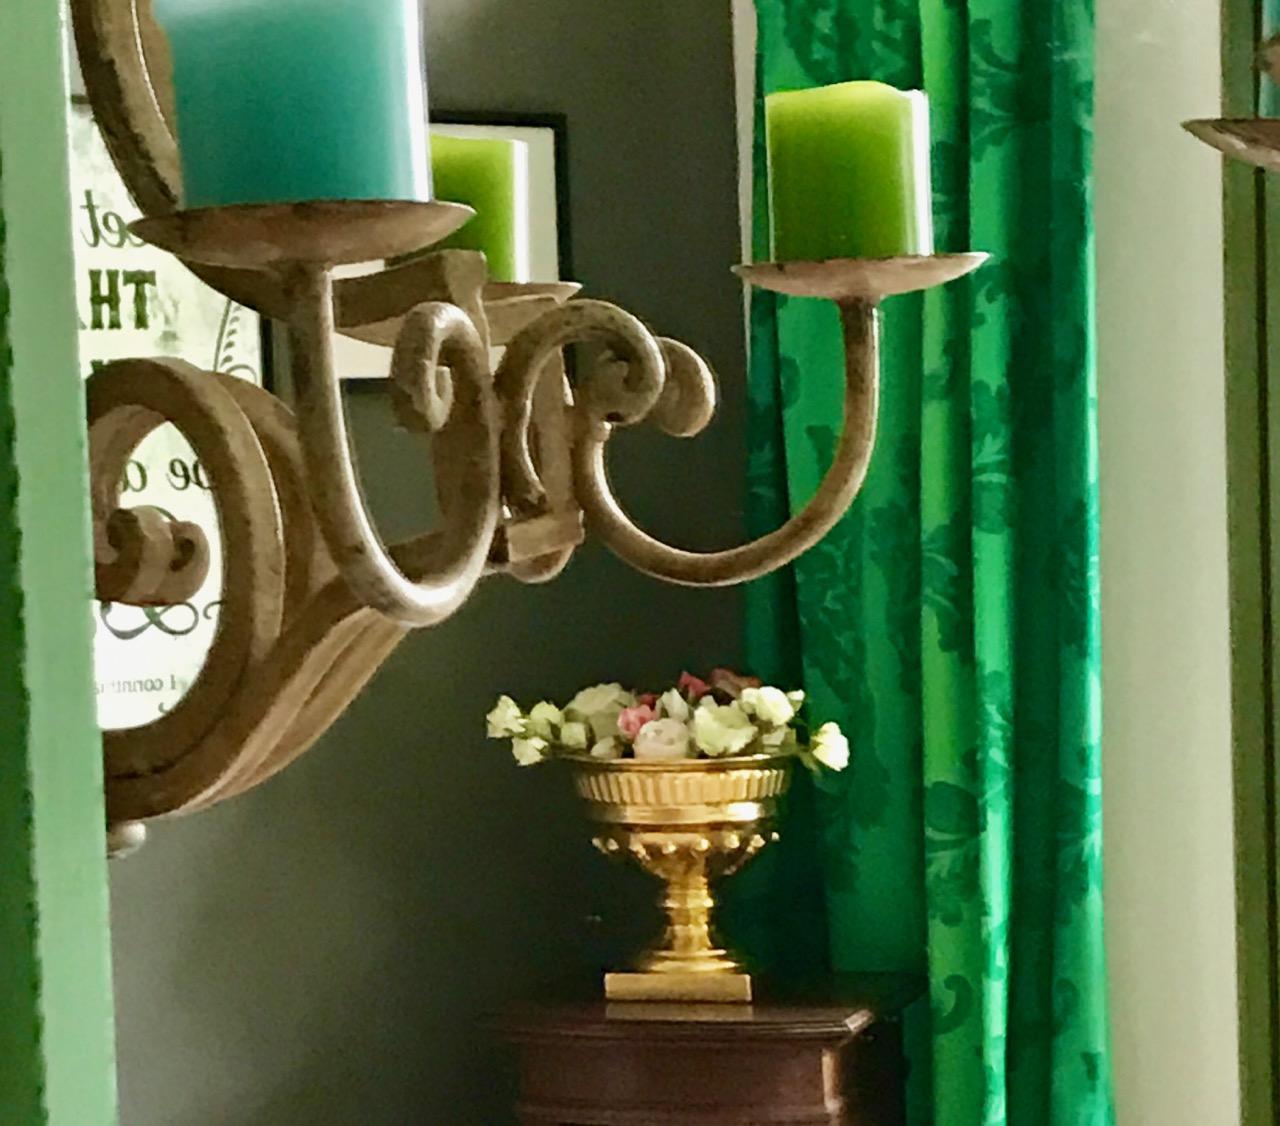 inneneinrichtung interior design m nchen wohnen stil wohnberatung einrichtungsberatung. Black Bedroom Furniture Sets. Home Design Ideas